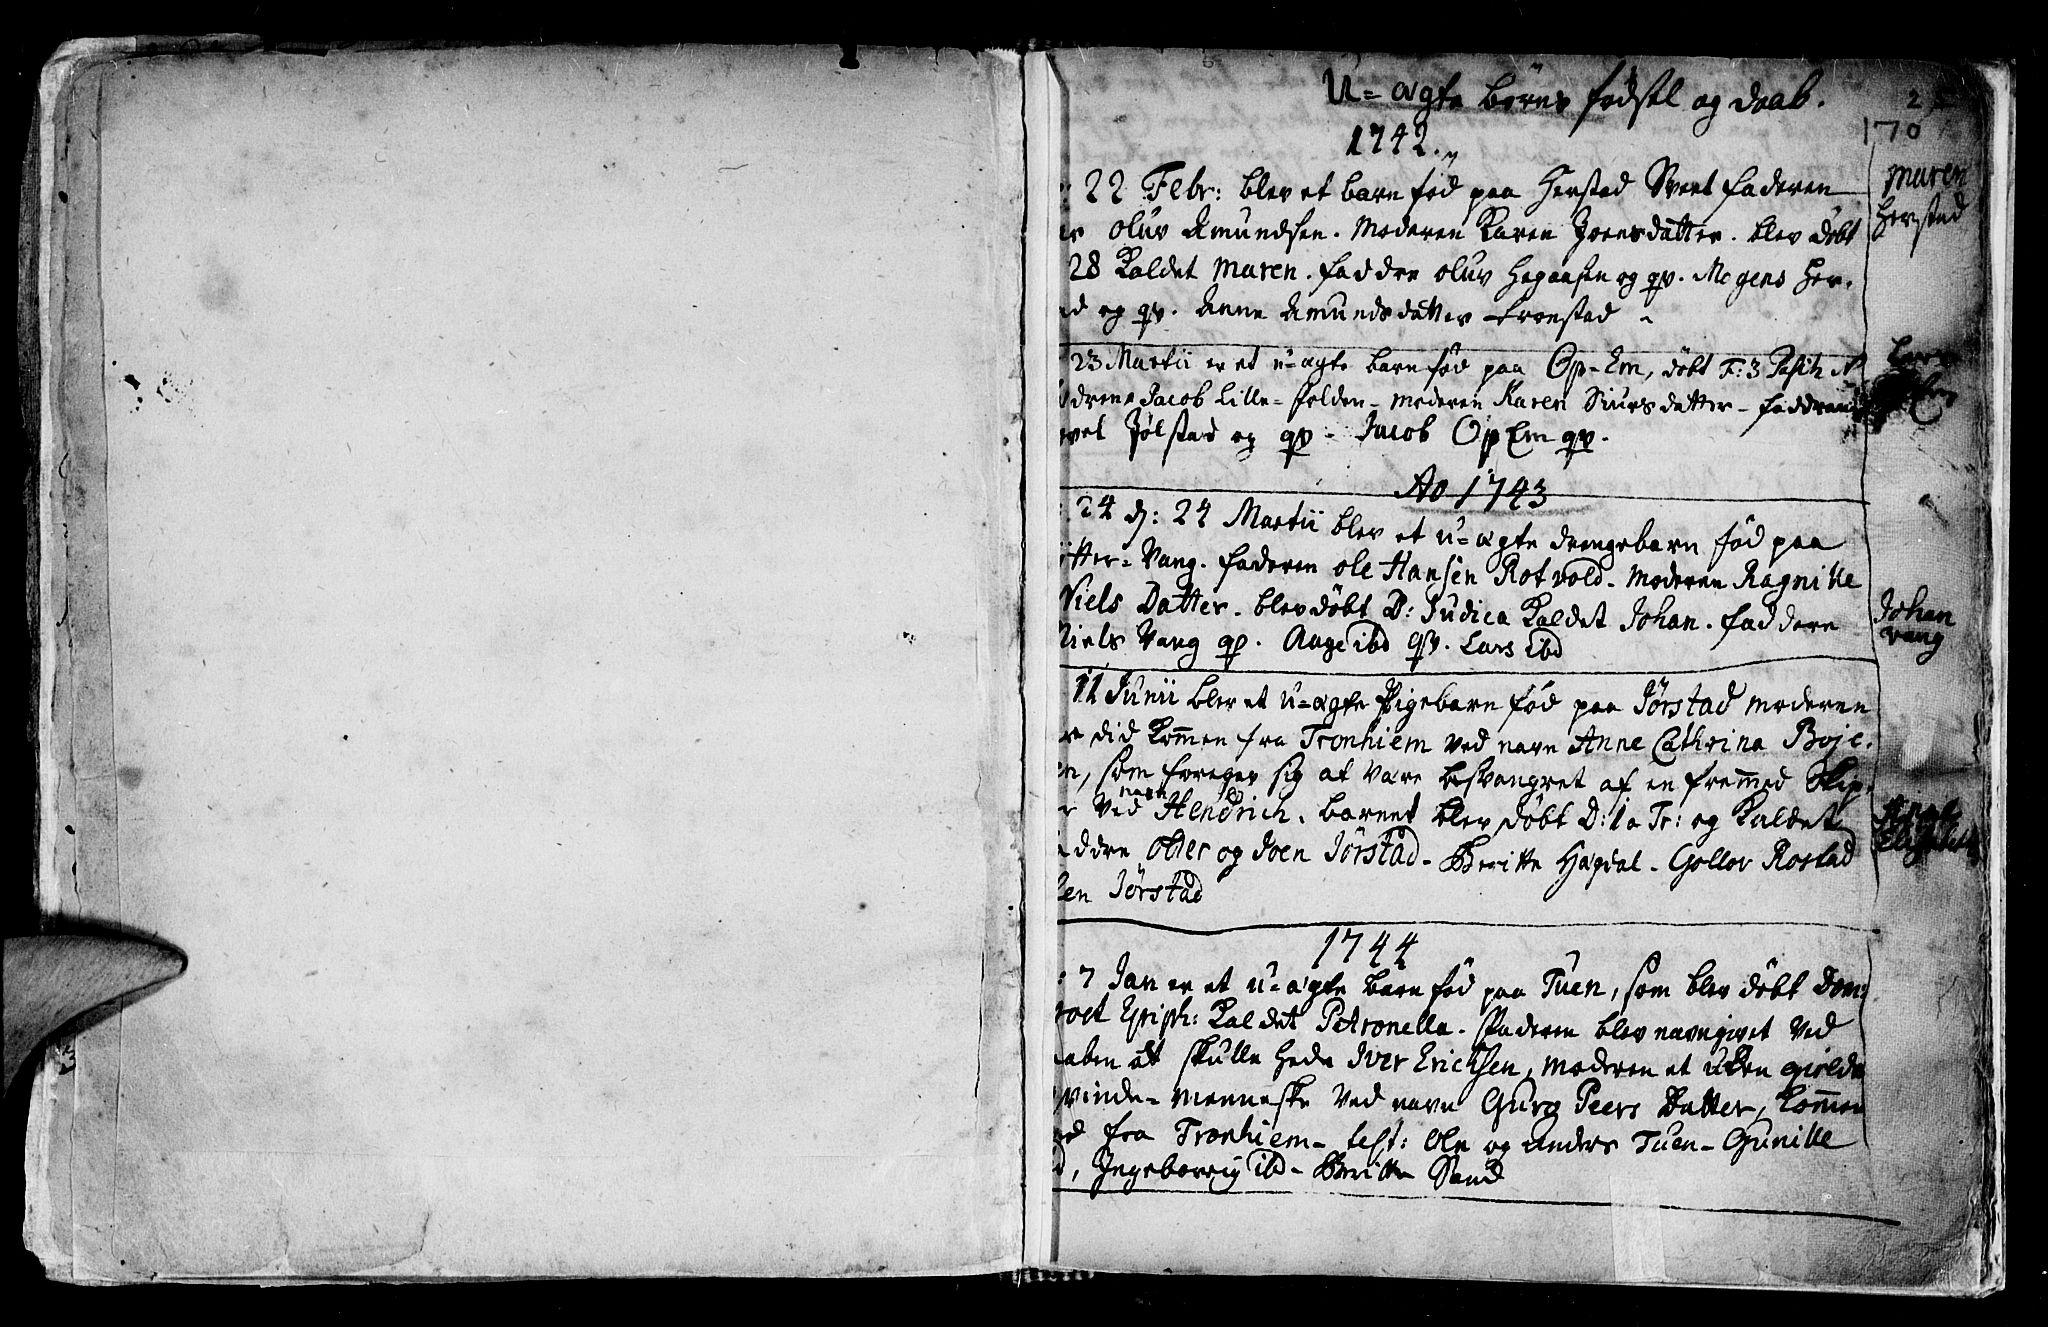 SAT, Ministerialprotokoller, klokkerbøker og fødselsregistre - Nord-Trøndelag, 730/L0272: Ministerialbok nr. 730A01, 1733-1764, s. 170